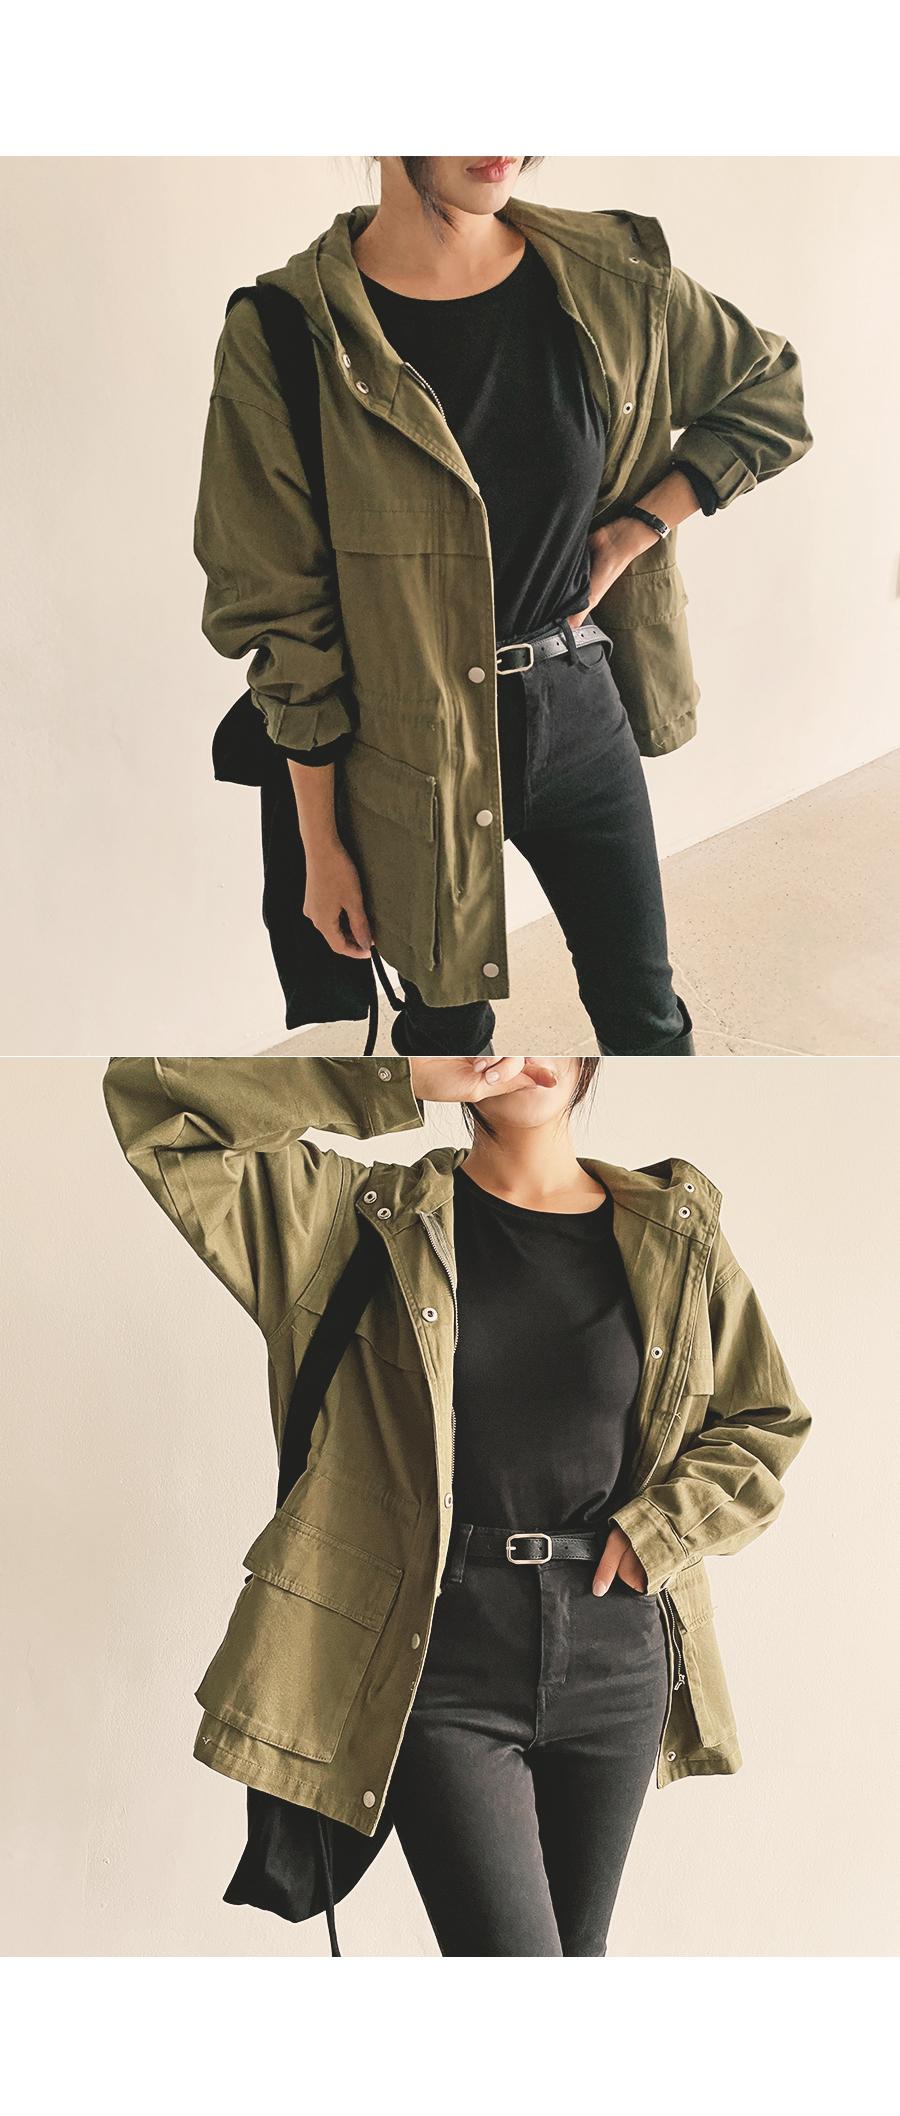 jacket model image-S5L10